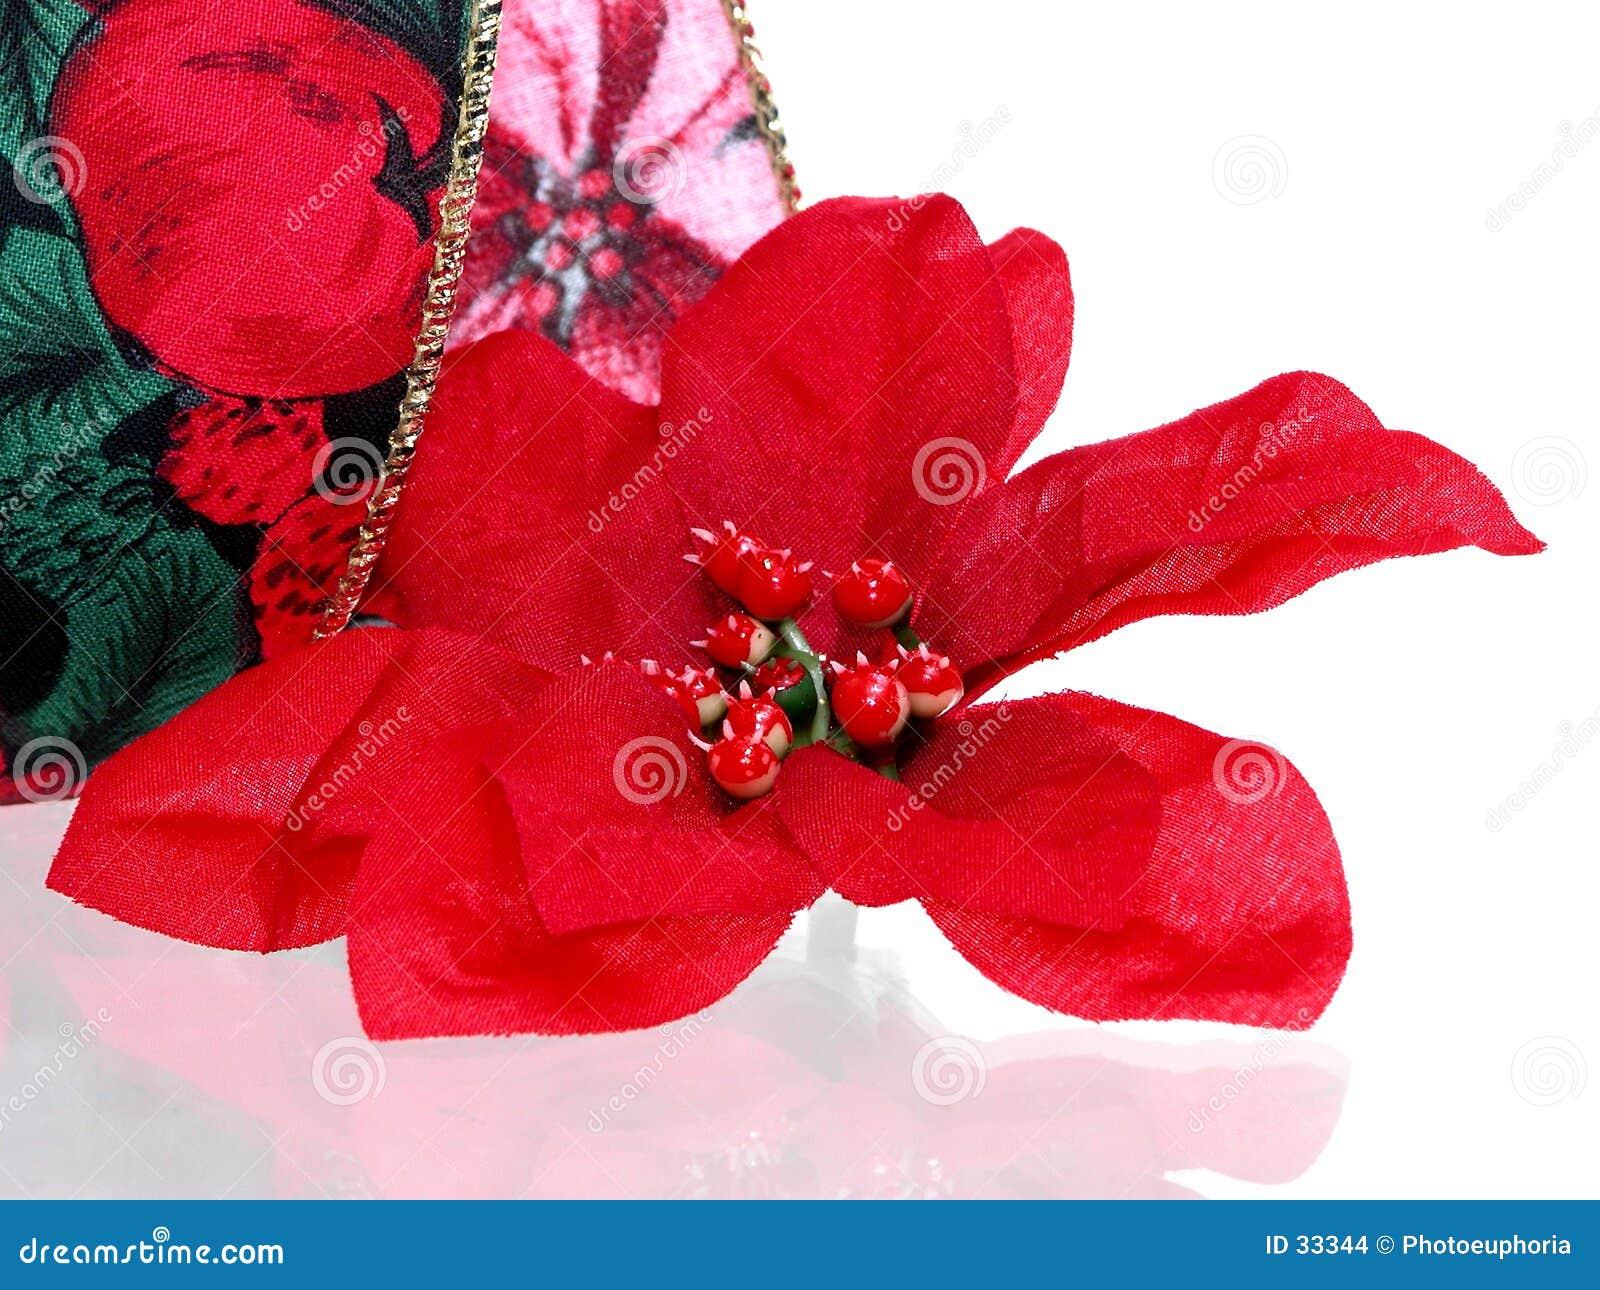 Natale: Fioritura artificiale del Poinsettia